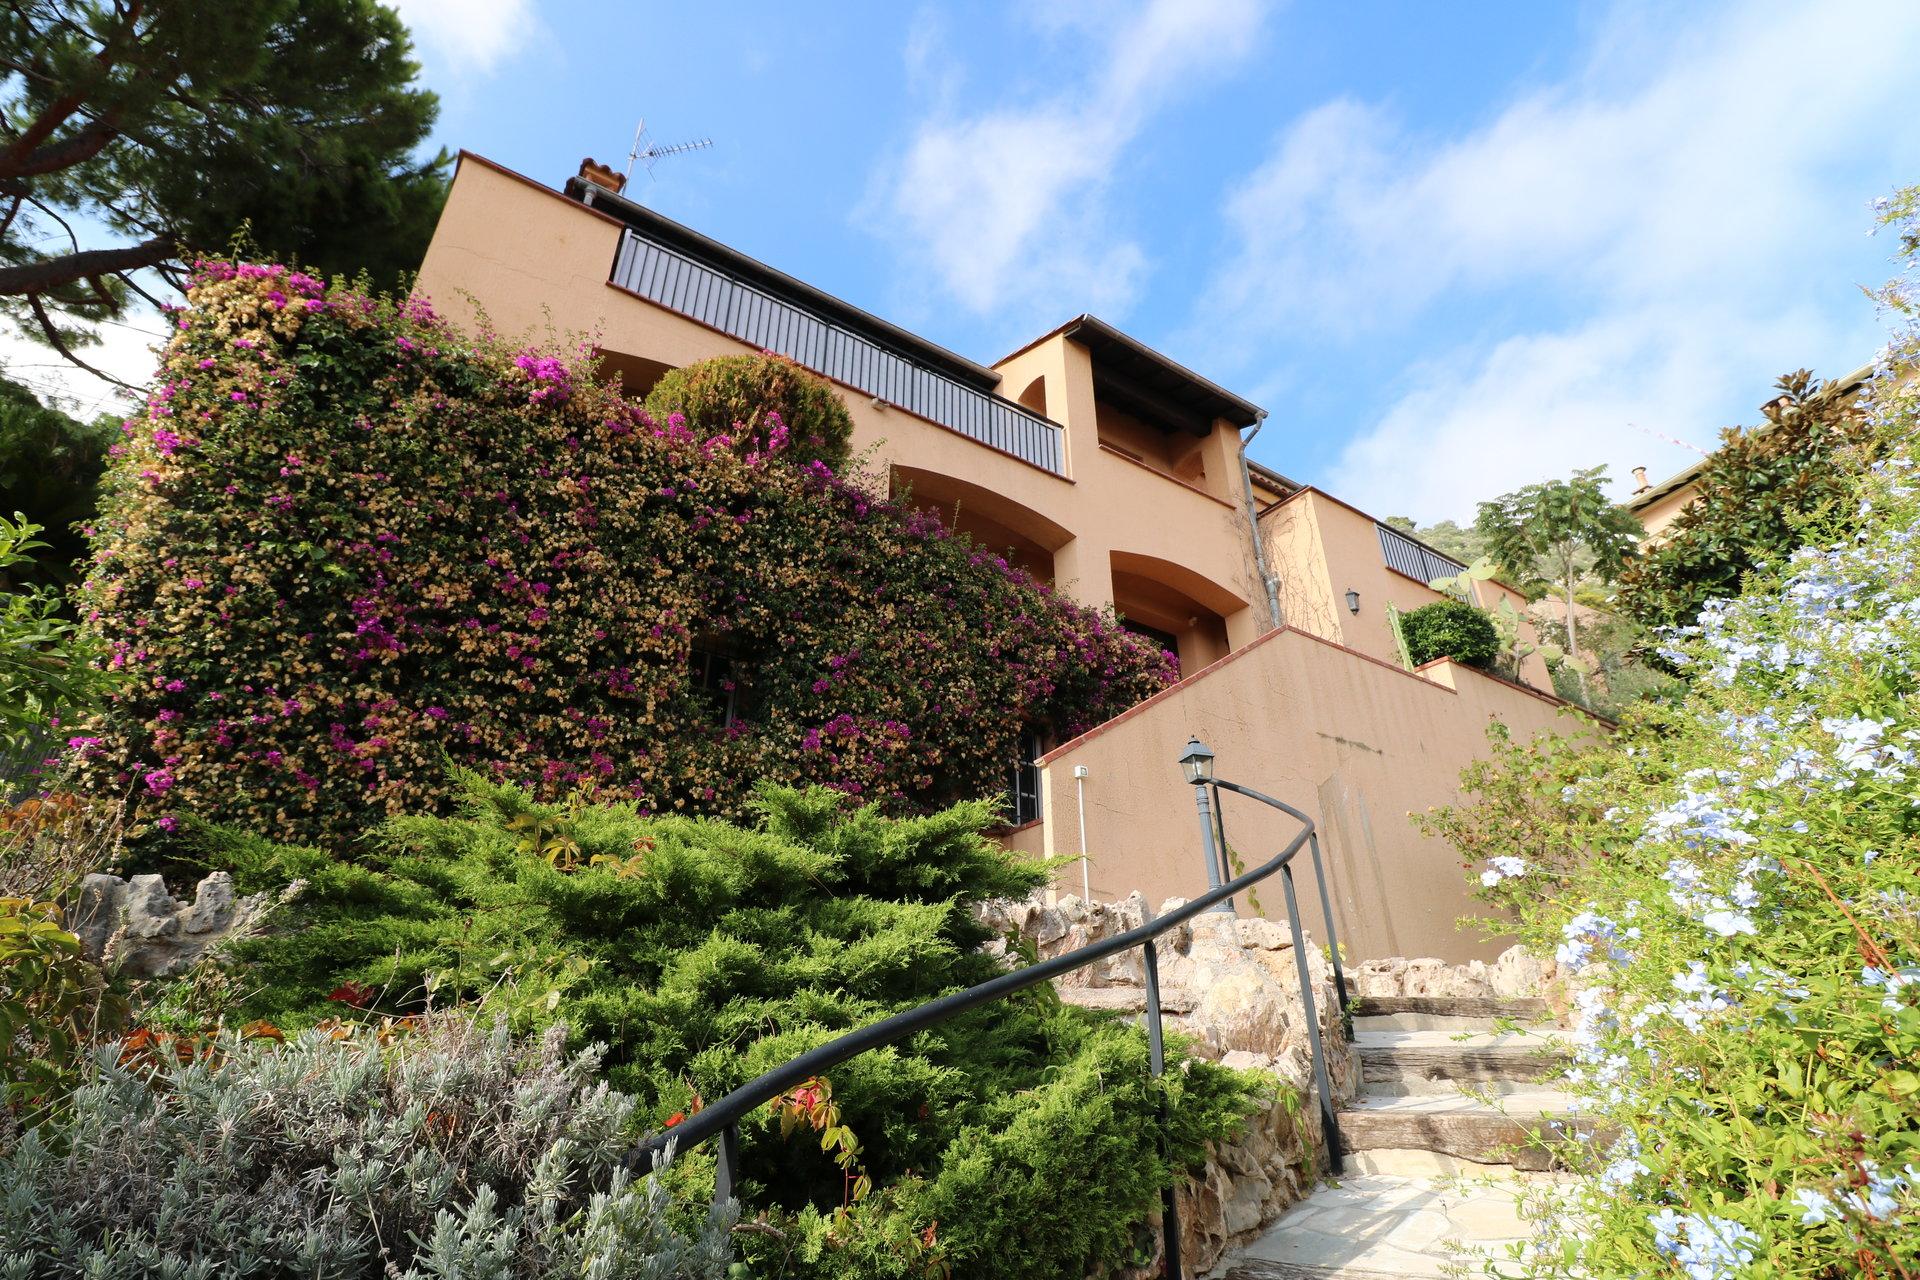 Roquebrune-Cap-Martin - 2/3 pièces 85m2